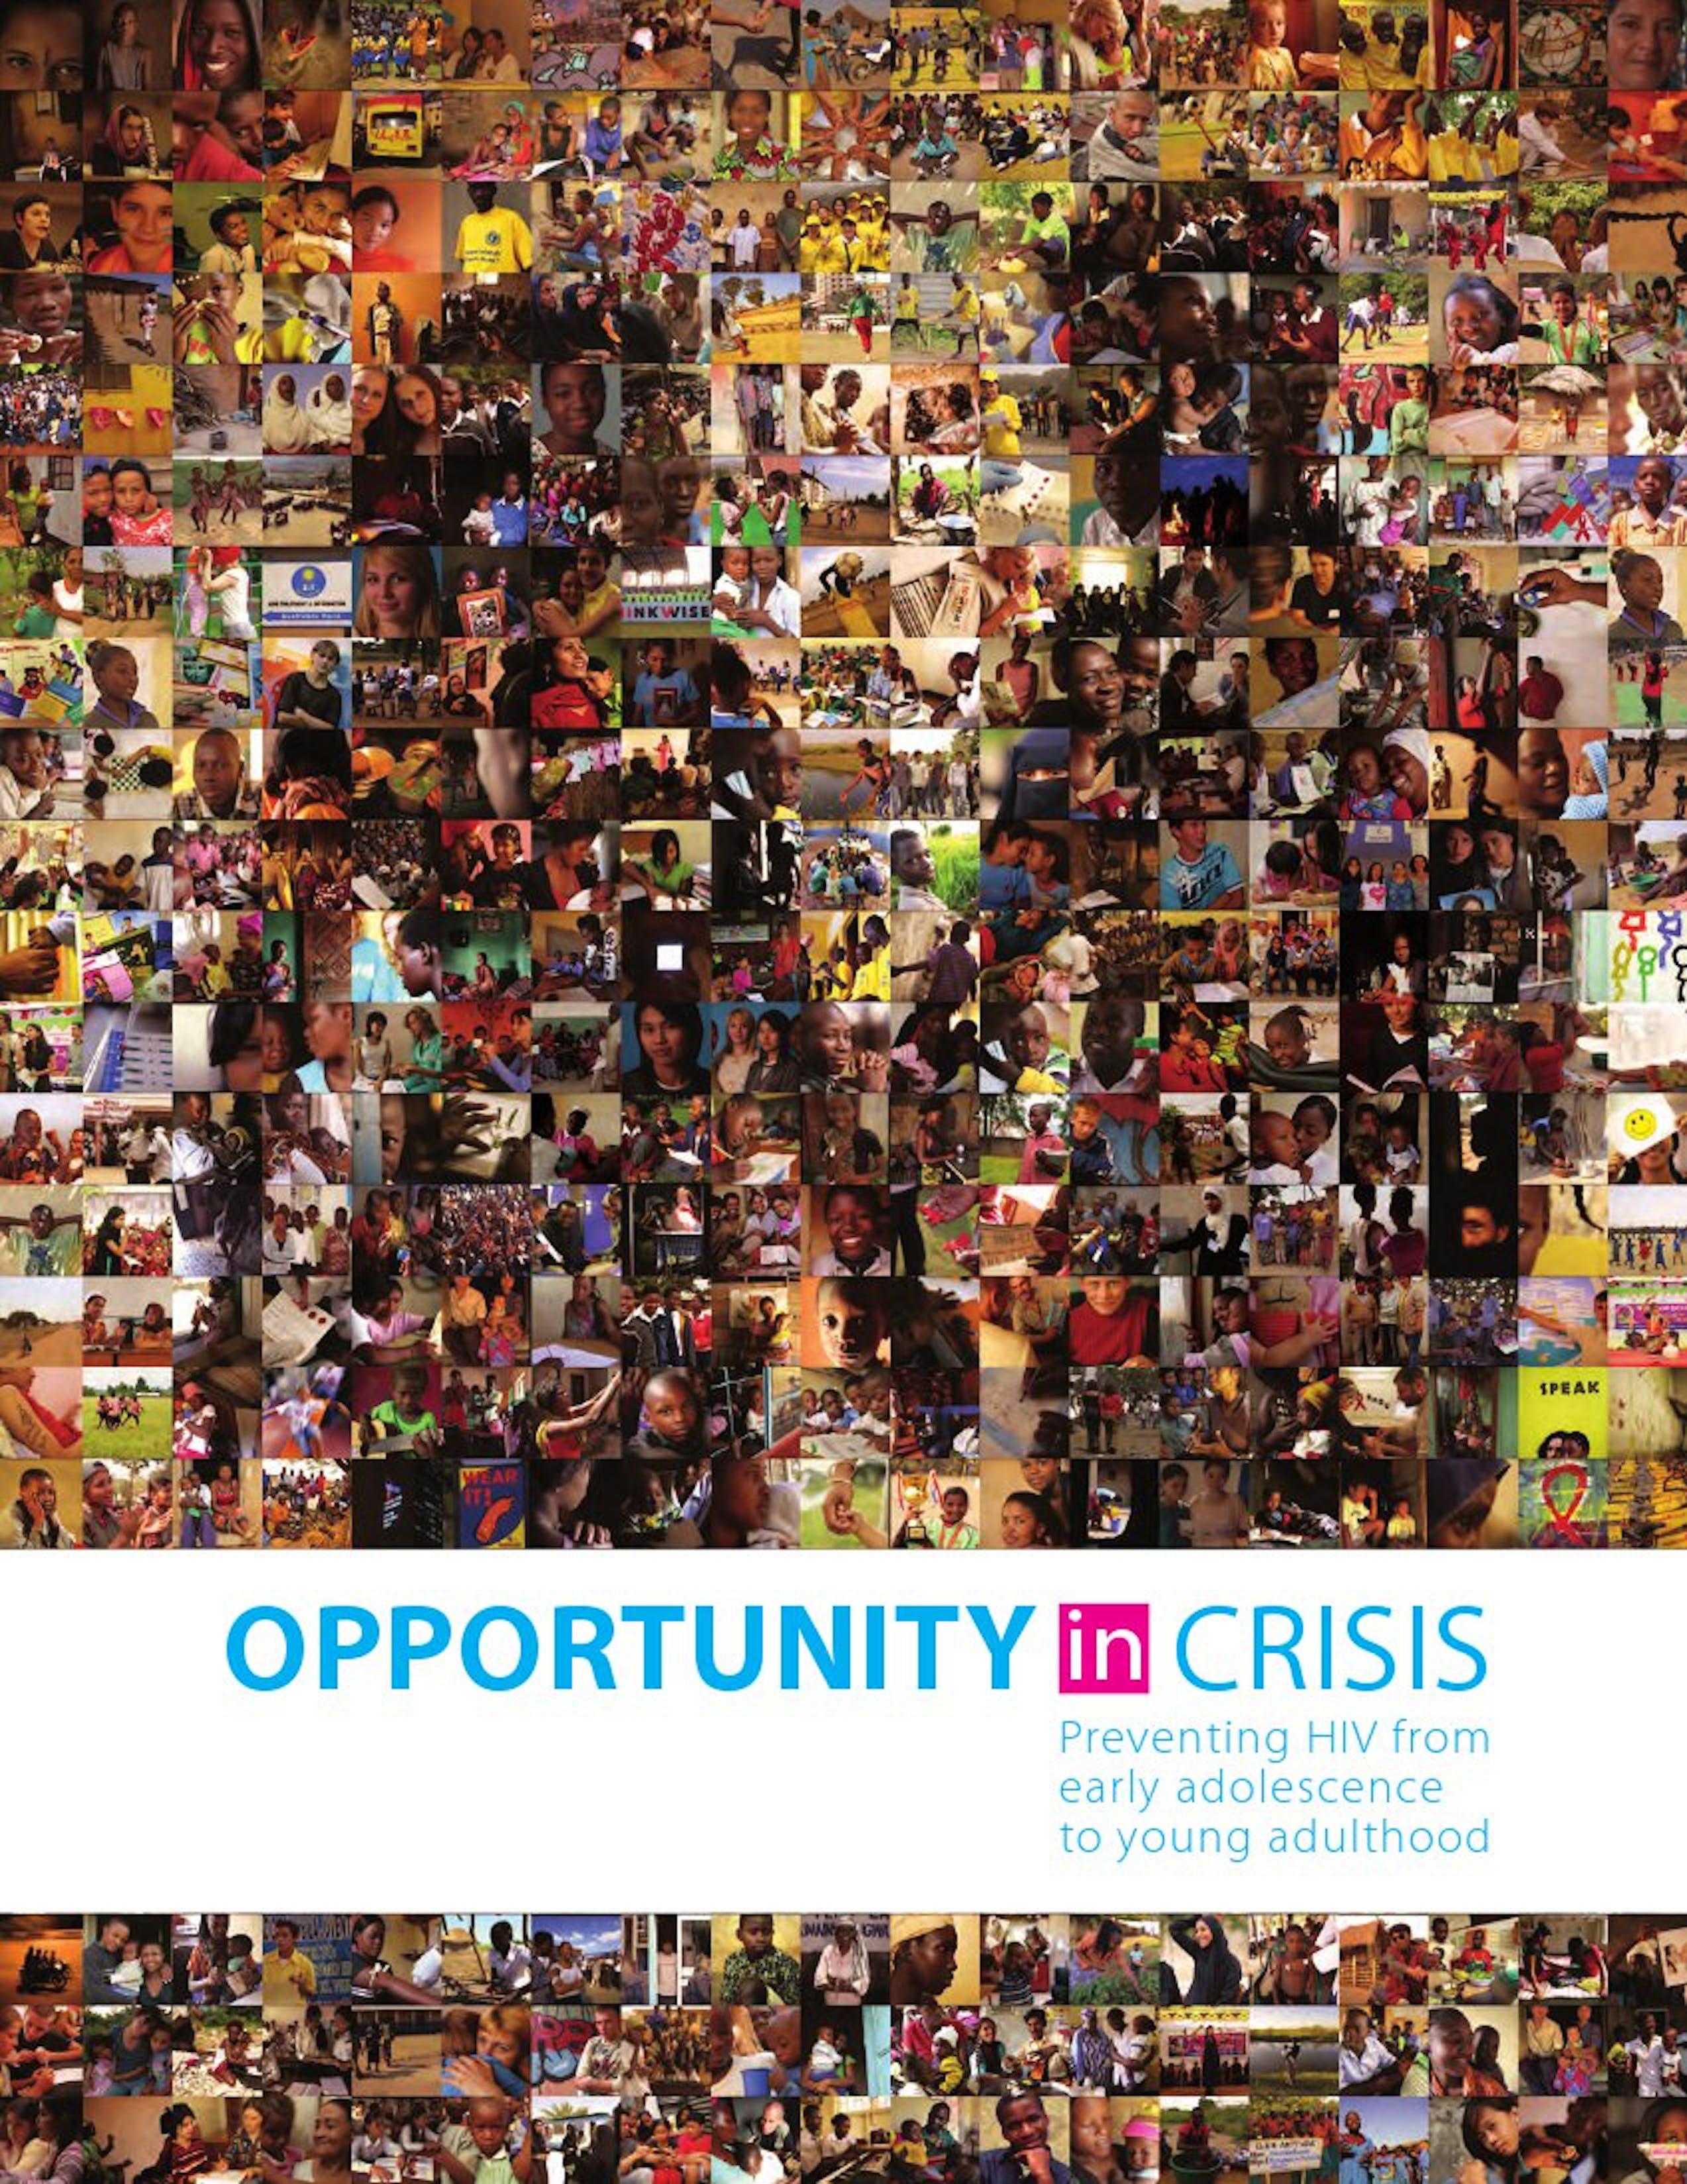 Opportunità nella crisi